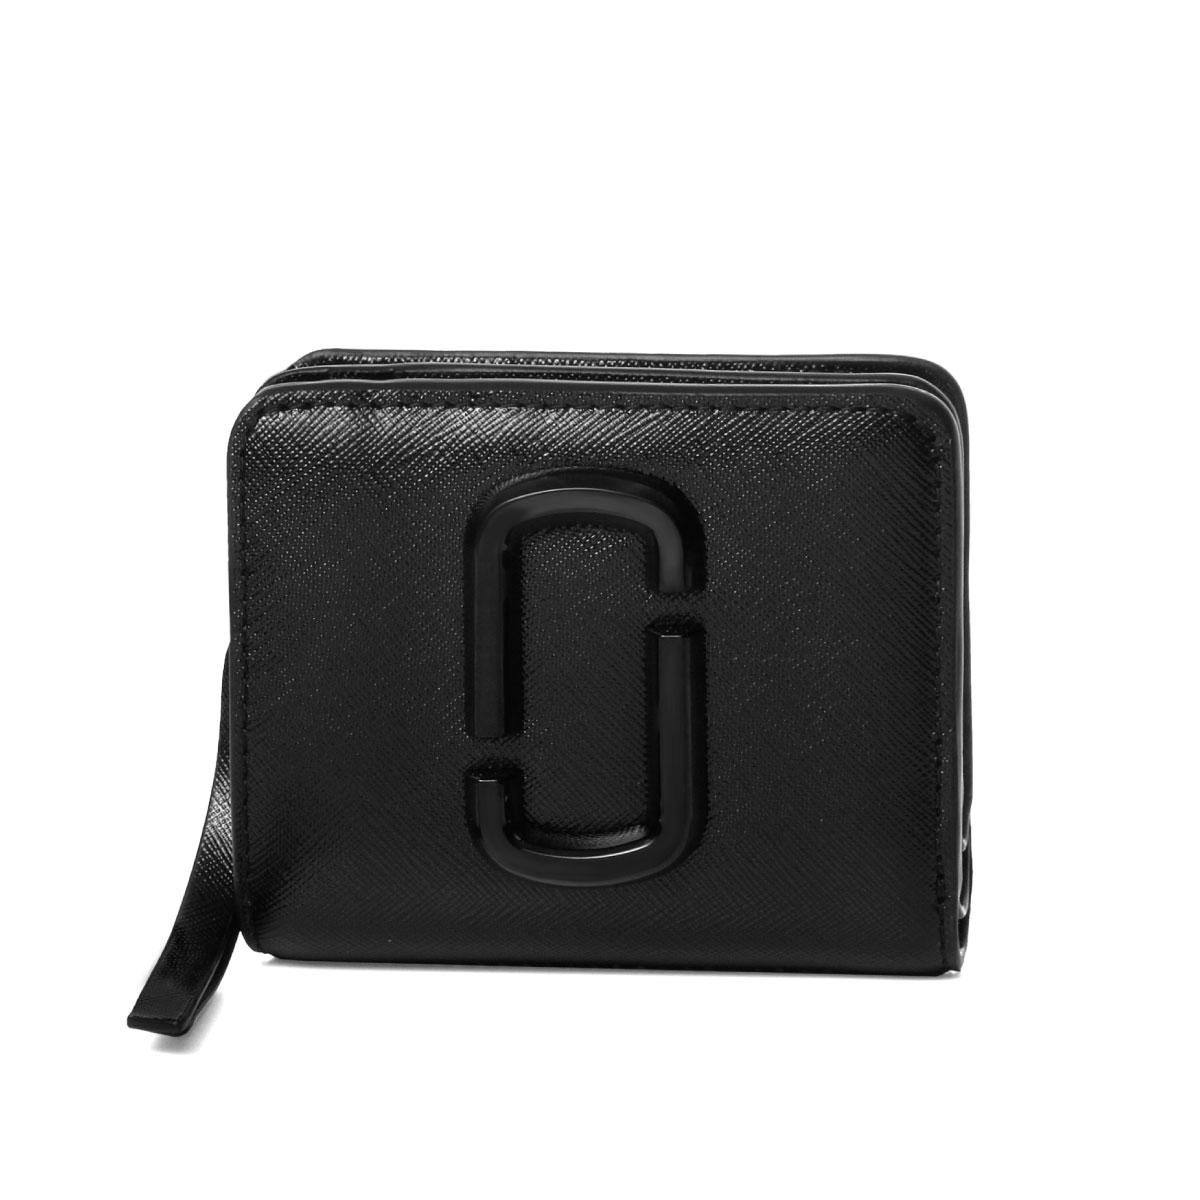 マーク ジェイコブス MARC JACOBS 財布 レディース M0014986 001 二つ折り財布 ミニ SNAPSHOT DTM スナップショット ディーティーエム BLACK ブラック